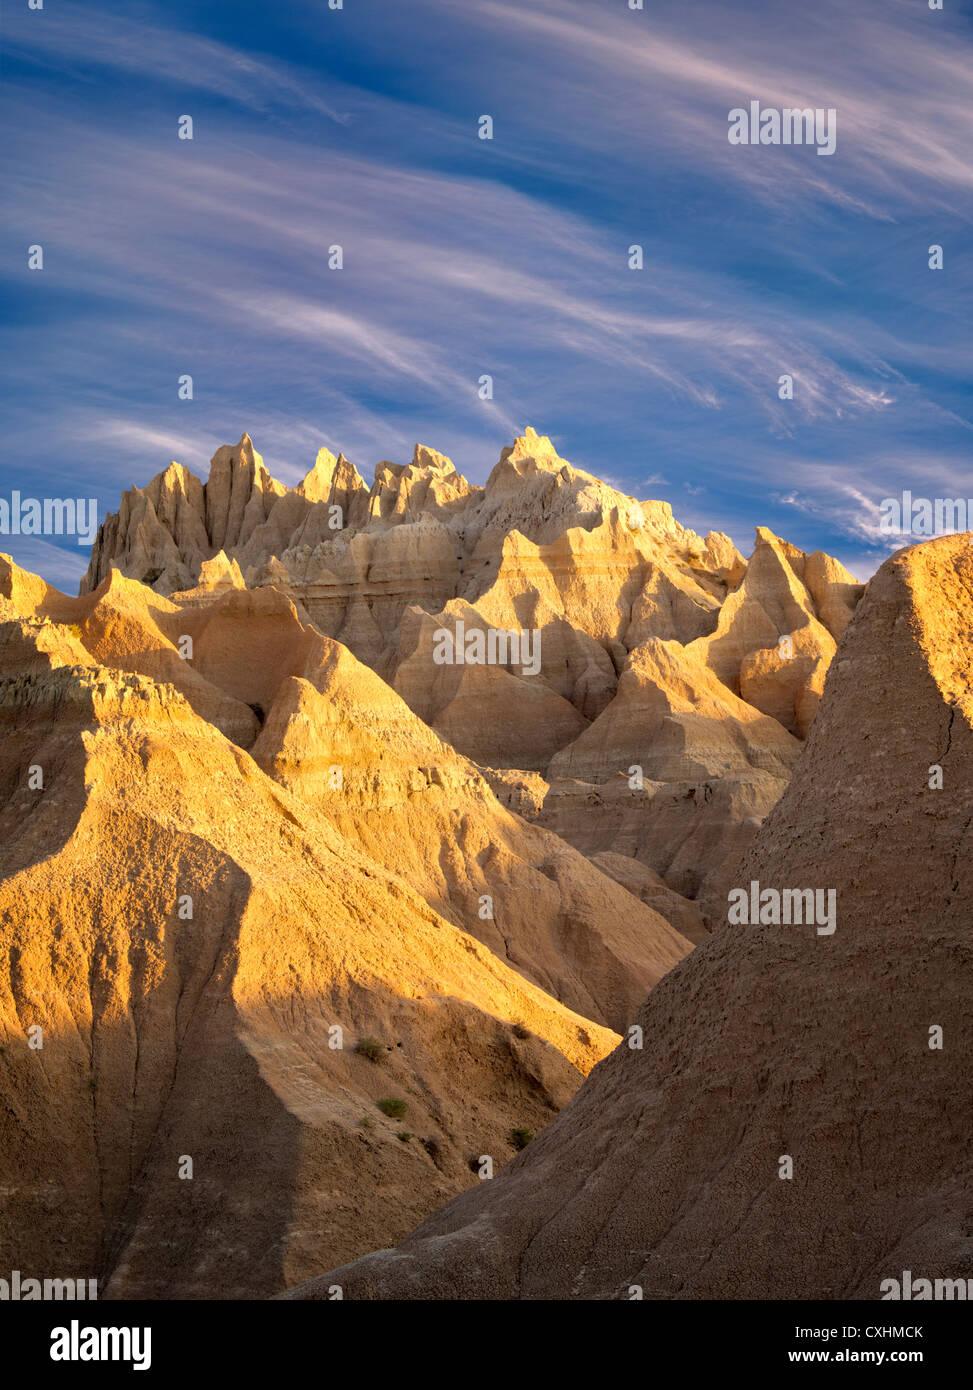 Eroded rock formations. Badlands National Park. South Dakota - Stock Image